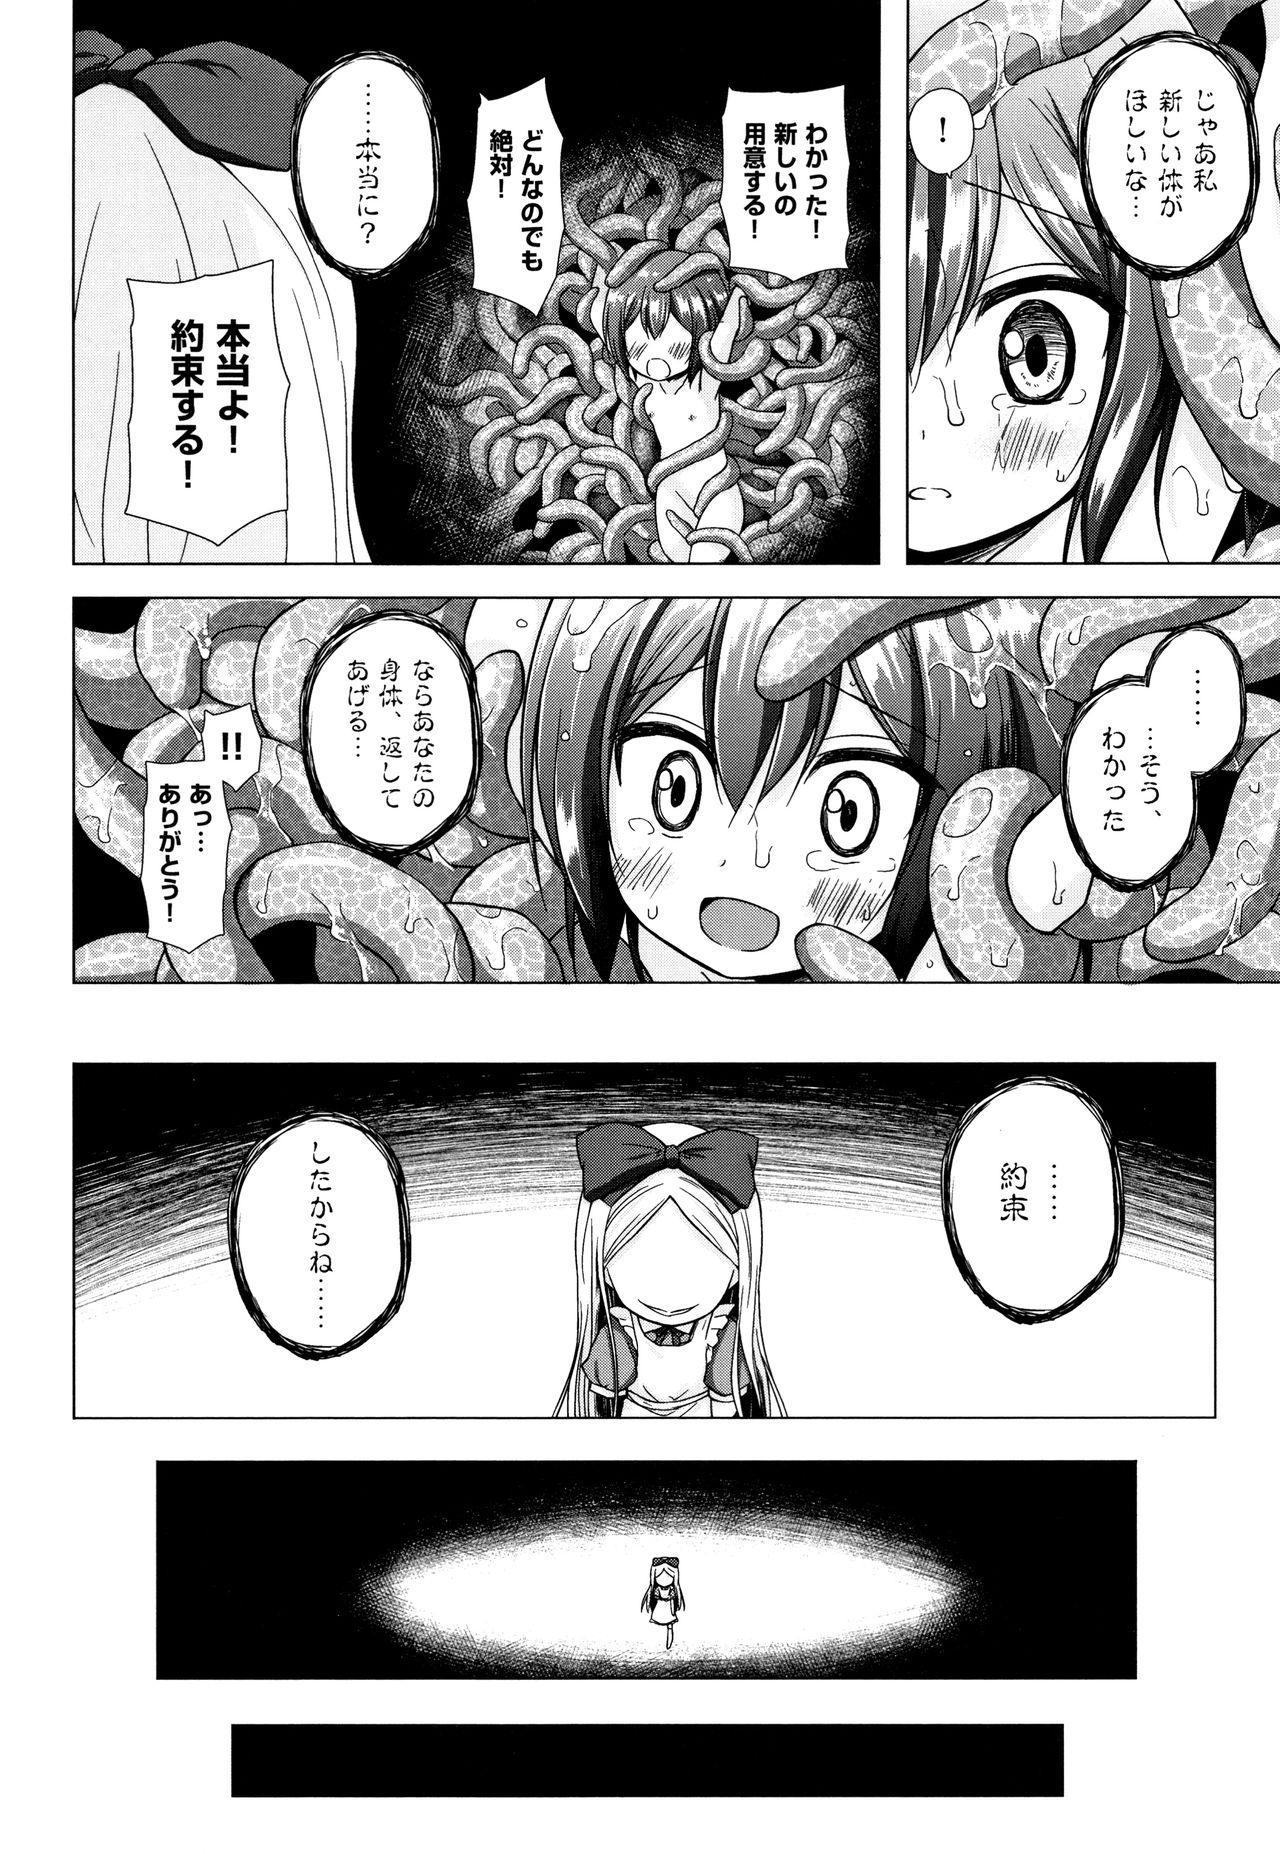 Monokemono 198